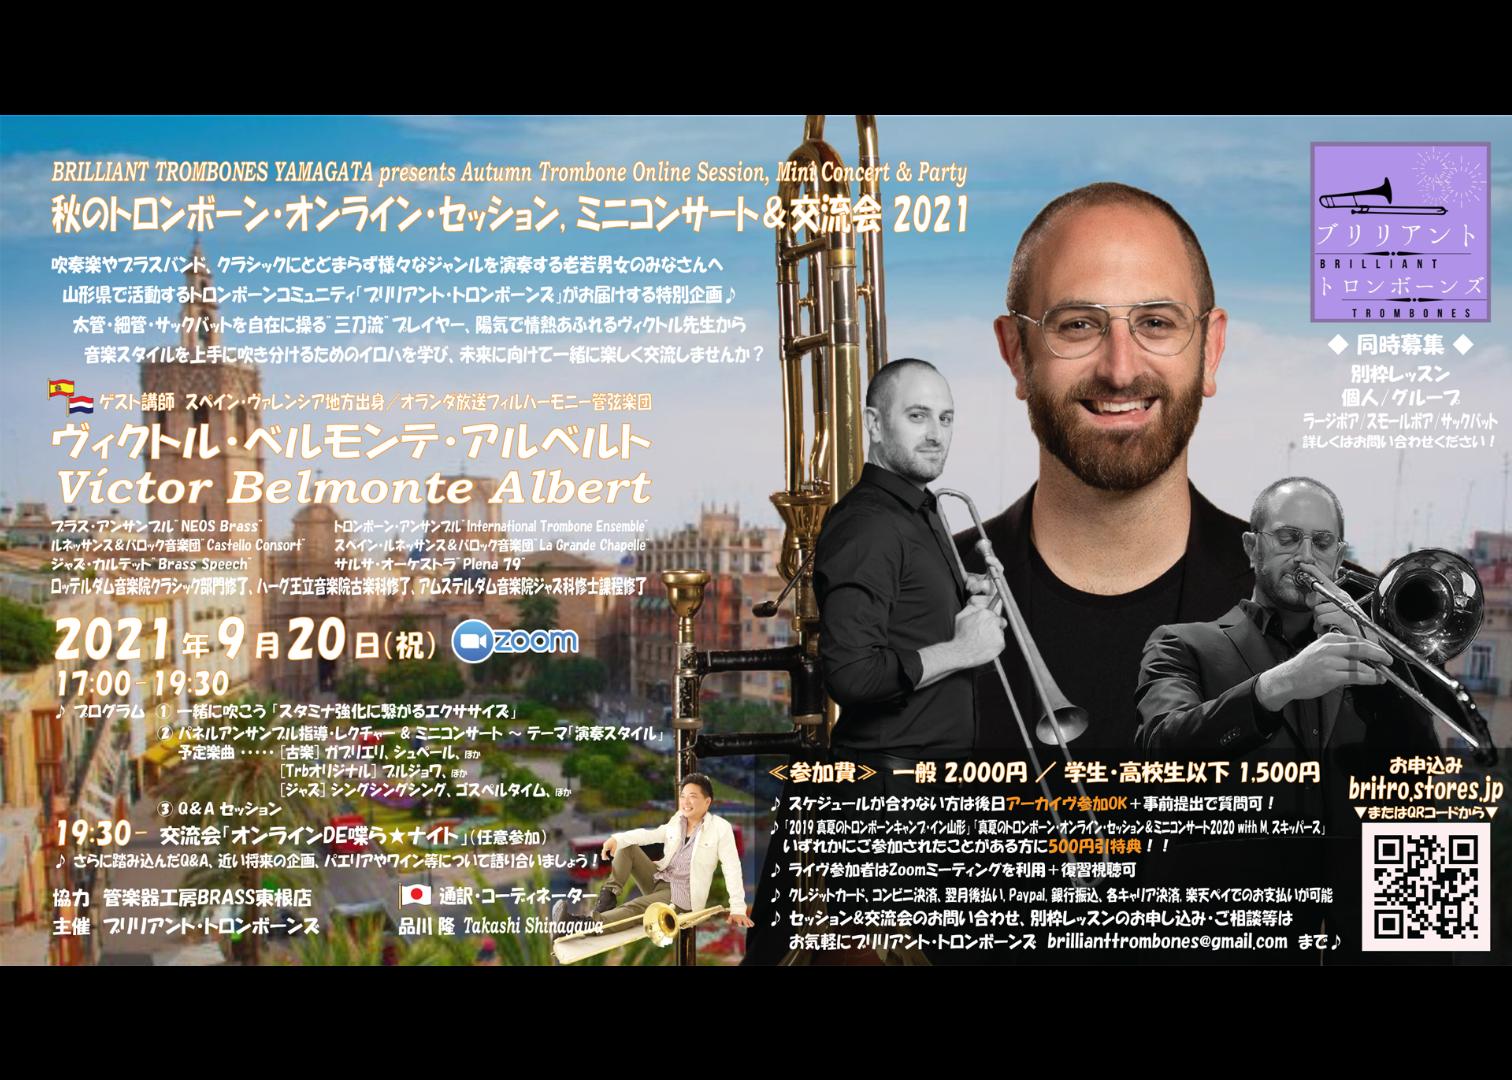 秋のトロンボーン・オンライン・セッション、ミニコンサート&交流会2021